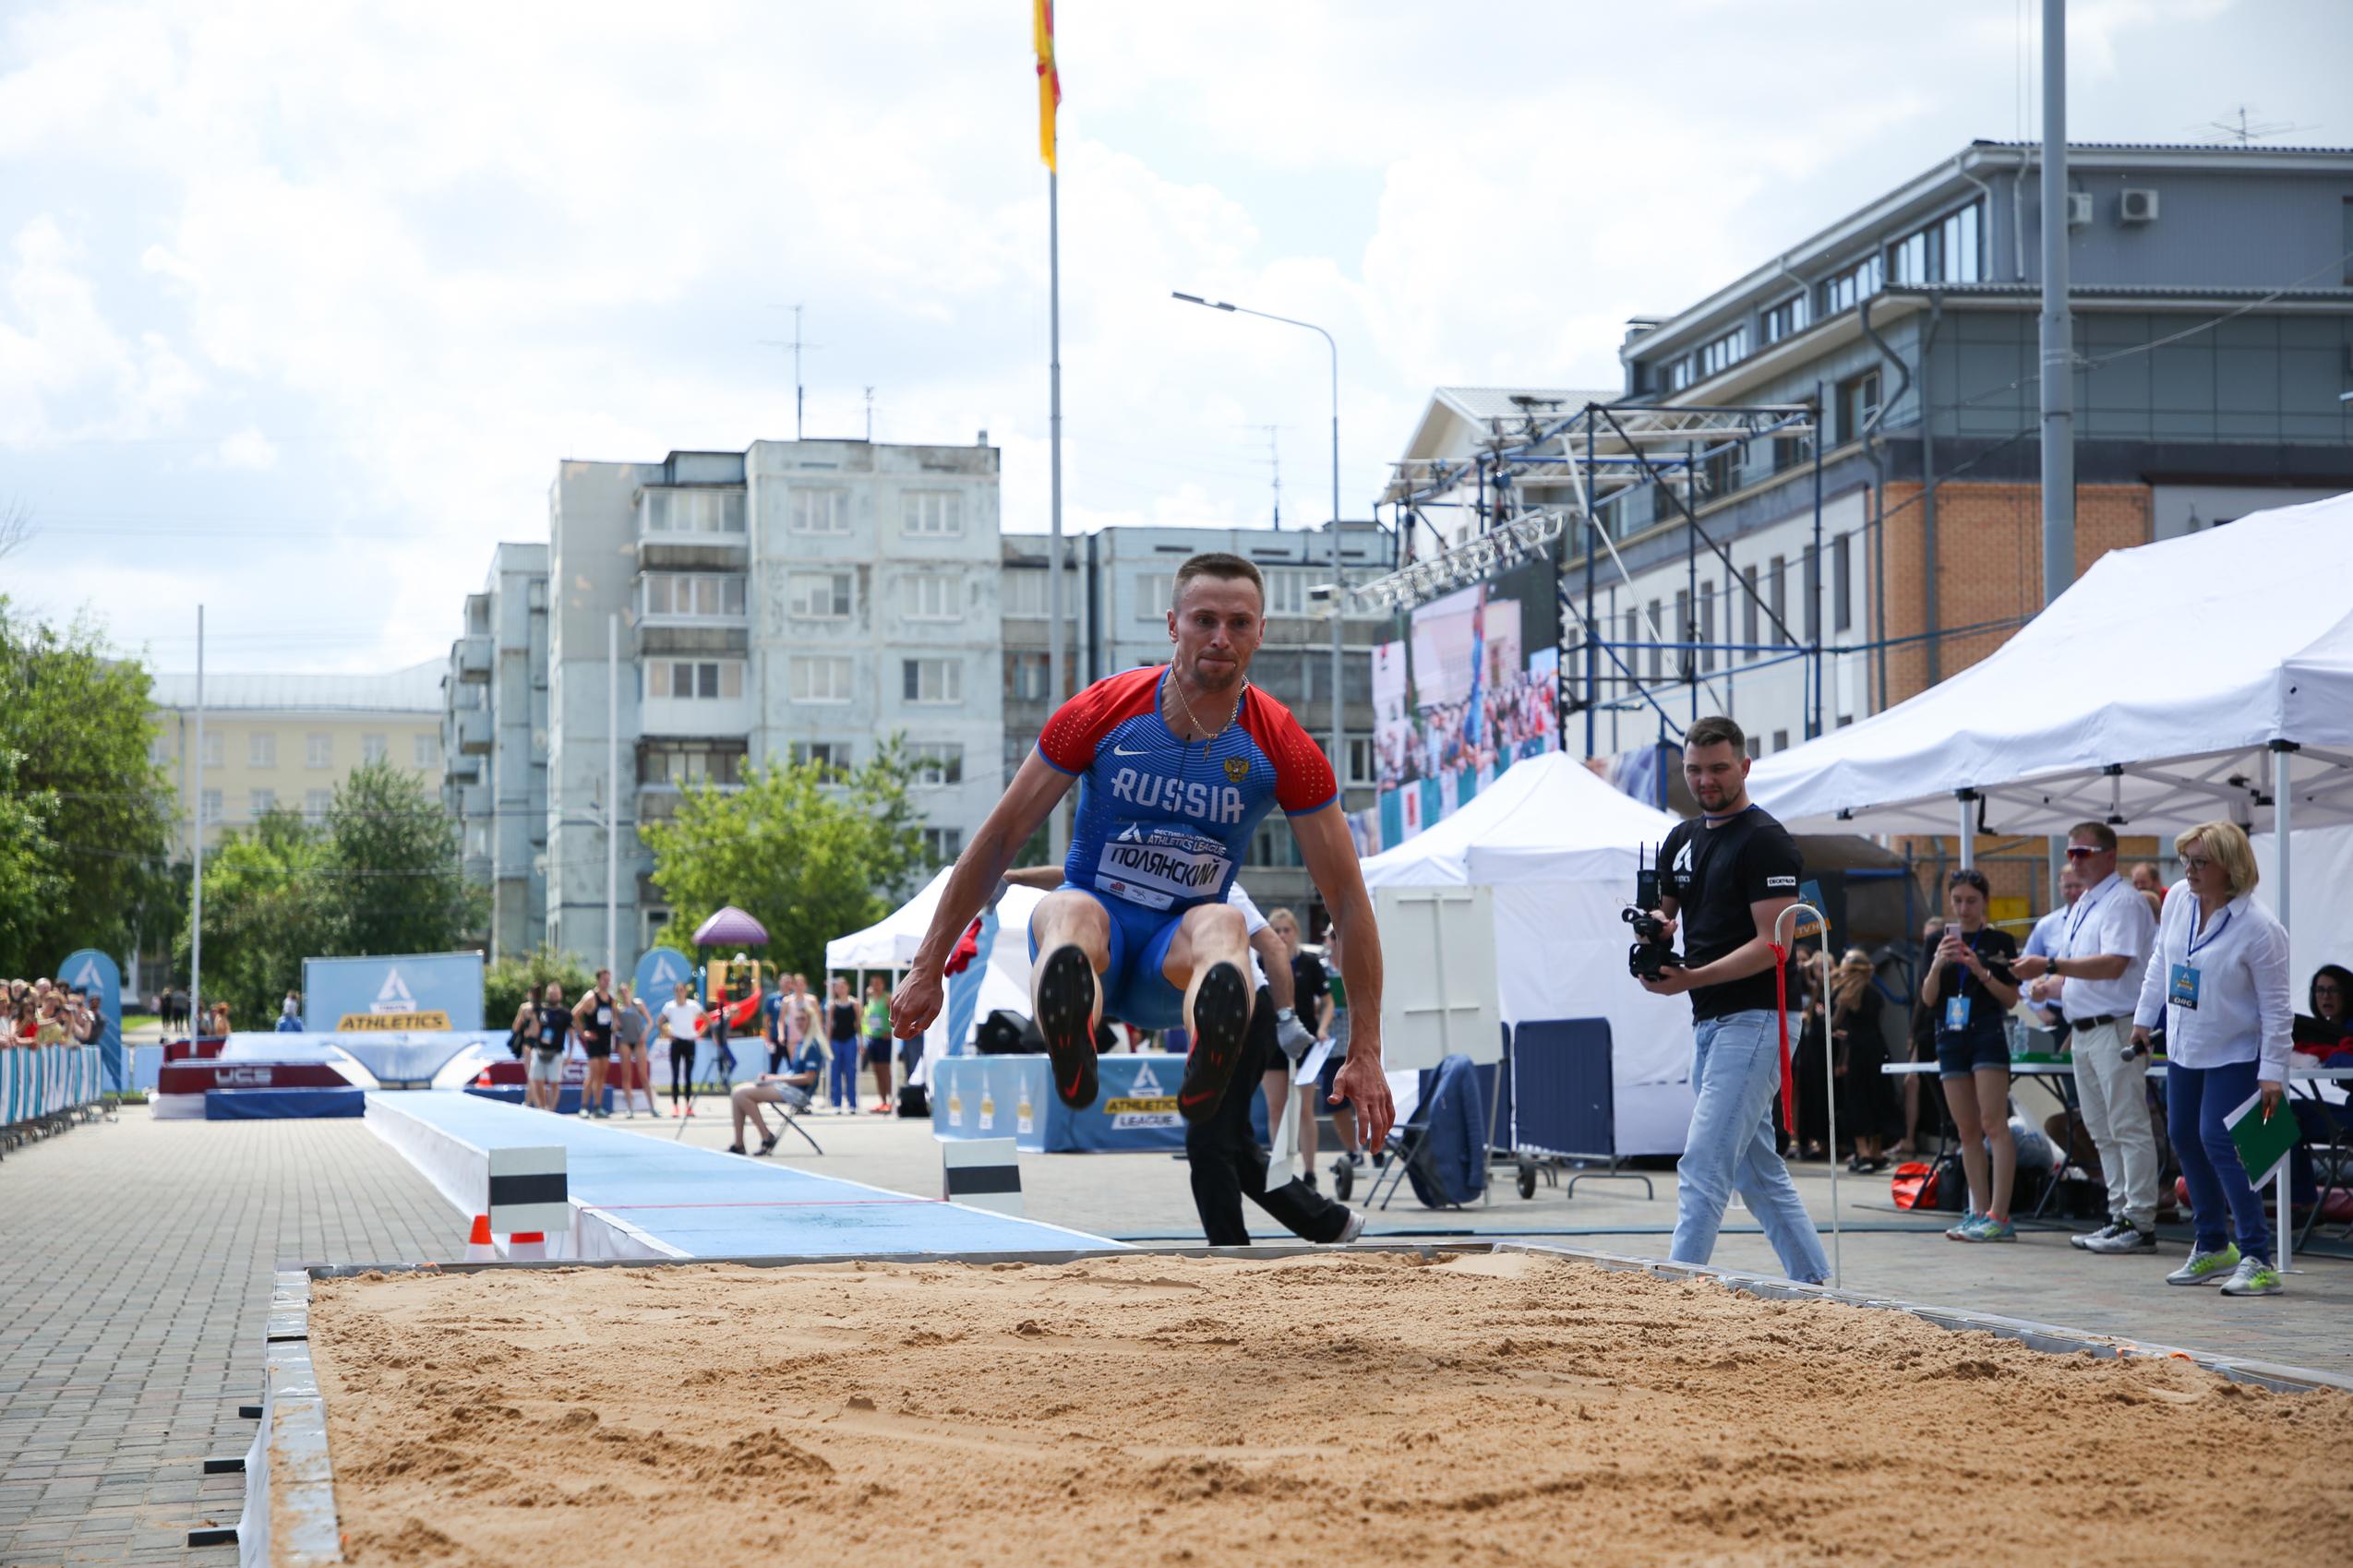 Прямо на улицах Твери прыгали чемпионы мира и Европы